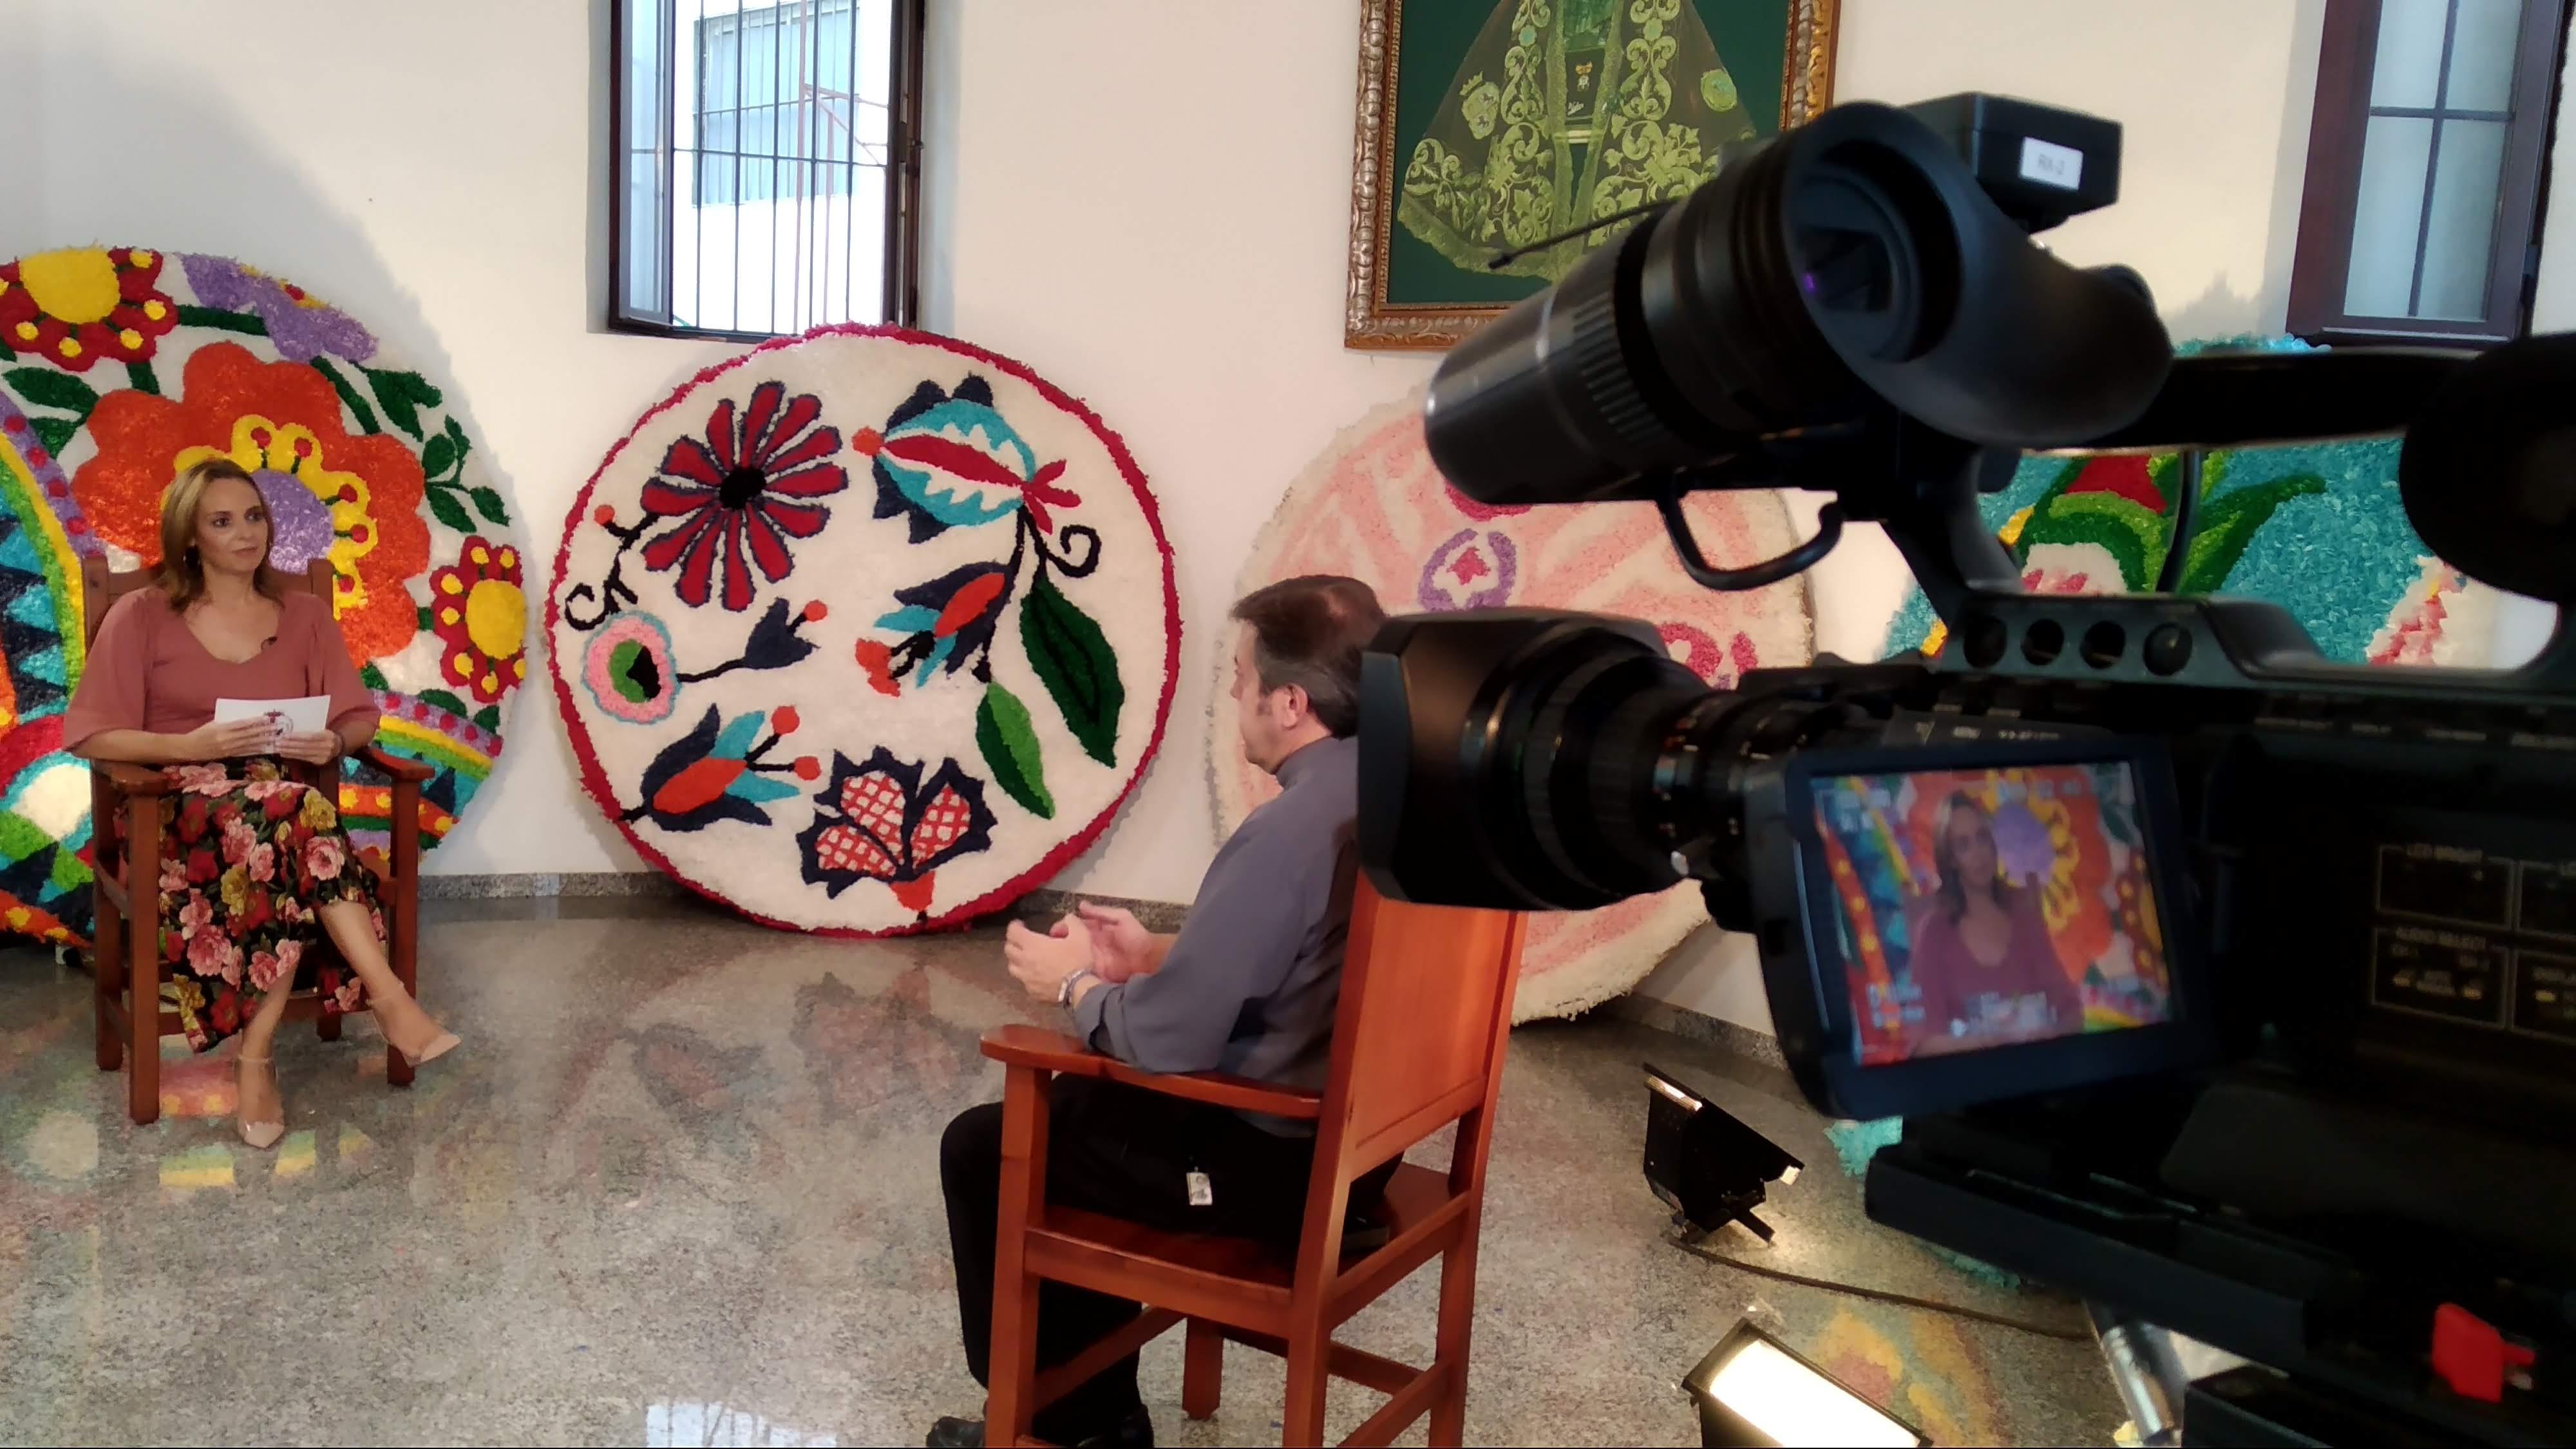 La Hermandad de Valme emitirá del 1 al 16 de octubre programas diarios con entrevistas a personas especialmente vinculadas a su Romería